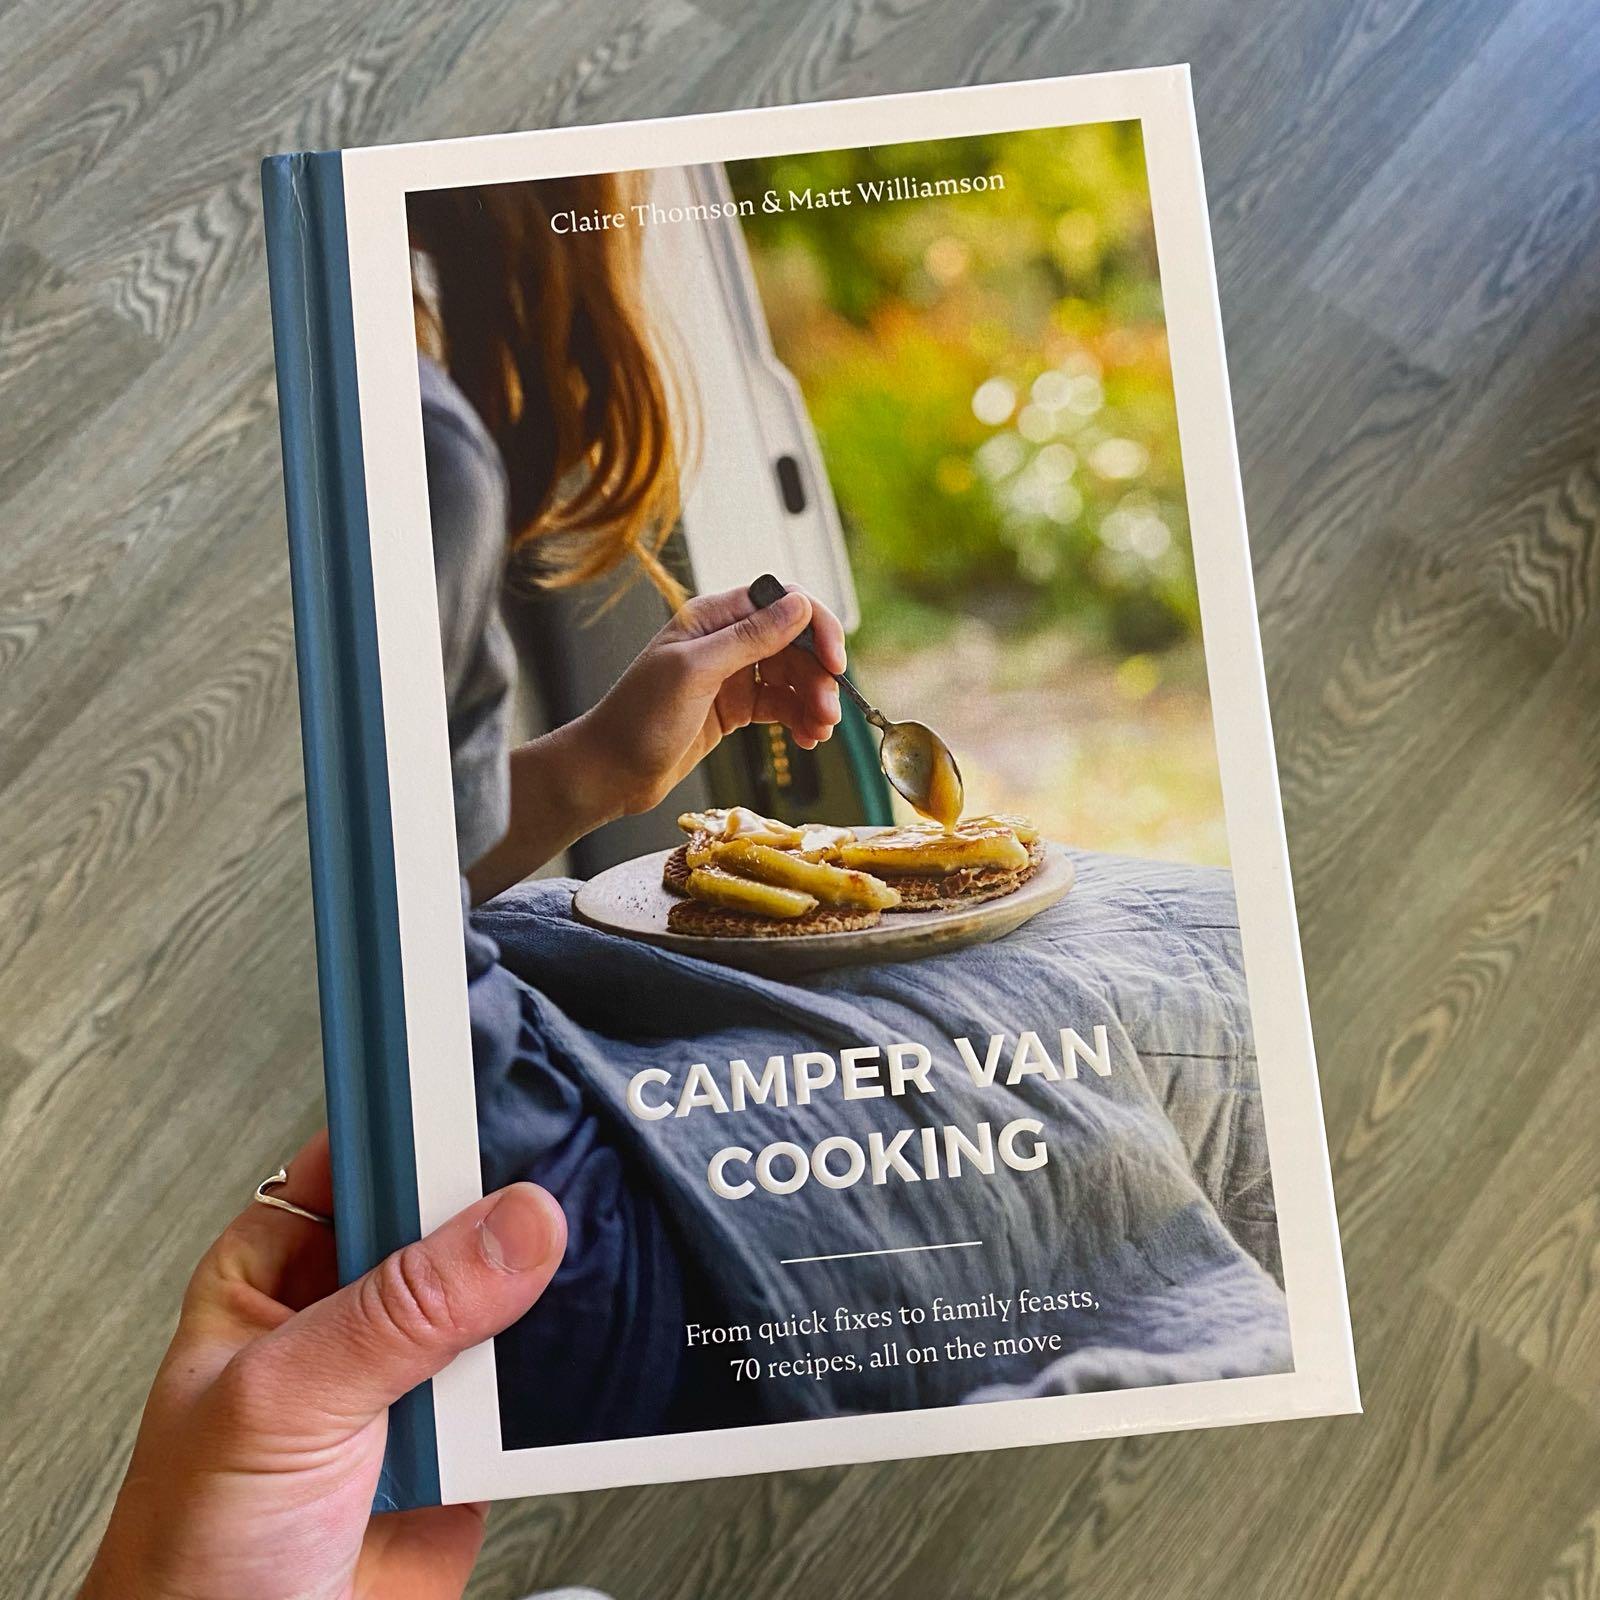 Camper Van Cooking | Claire Thomson & Matt Williamson